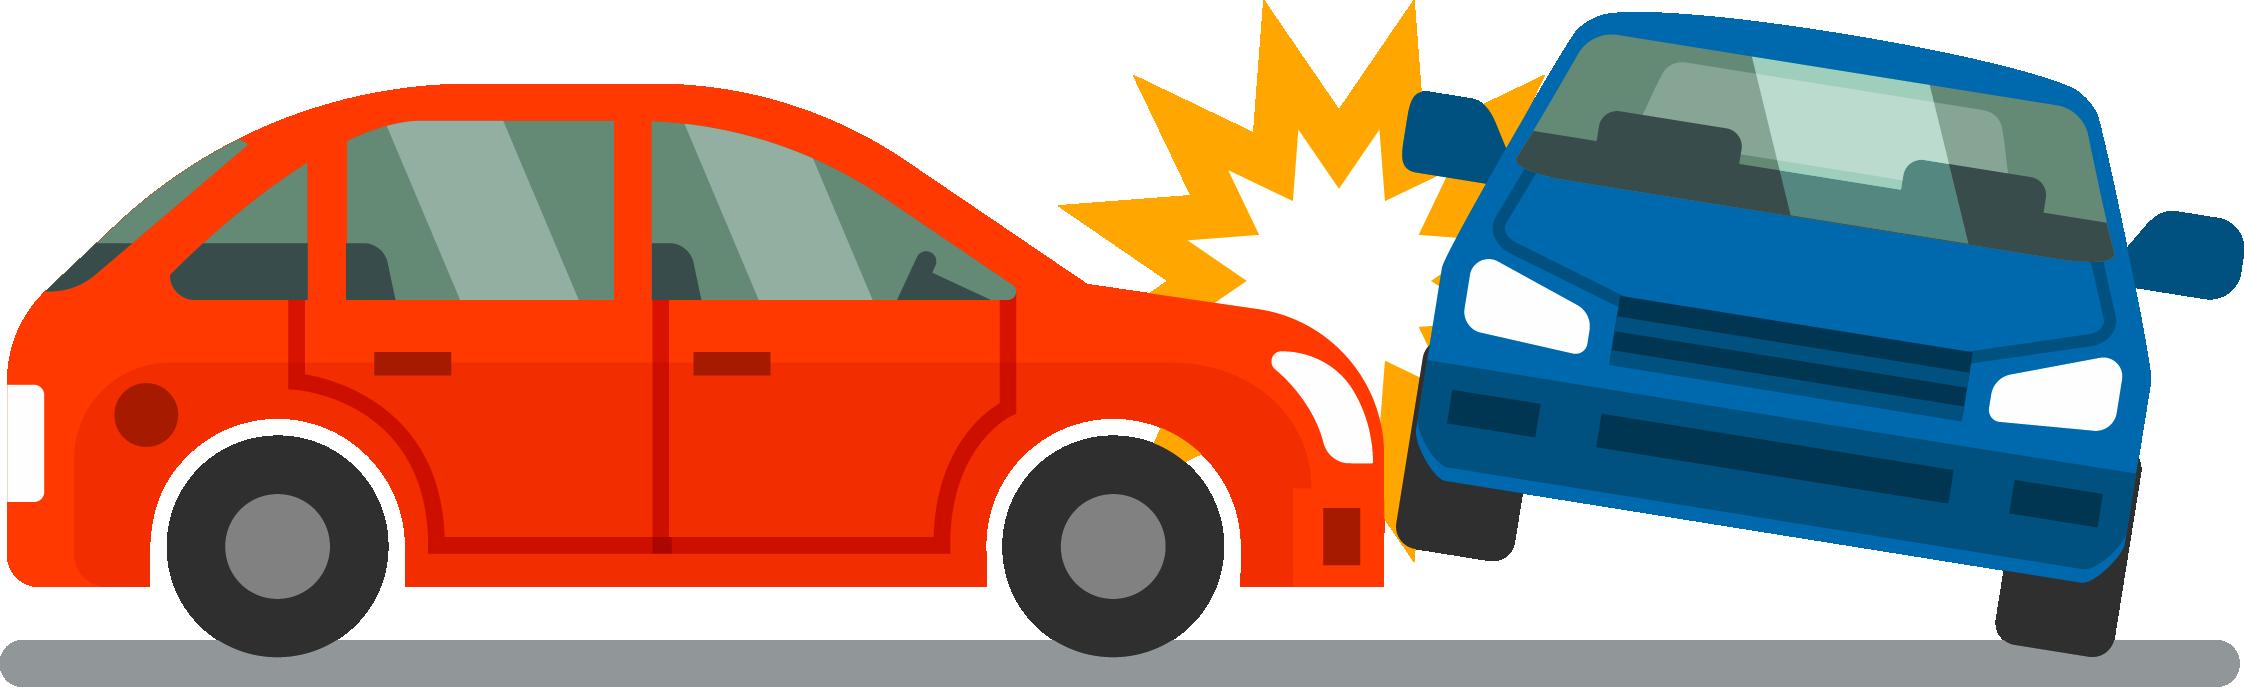 Car hitting another Car